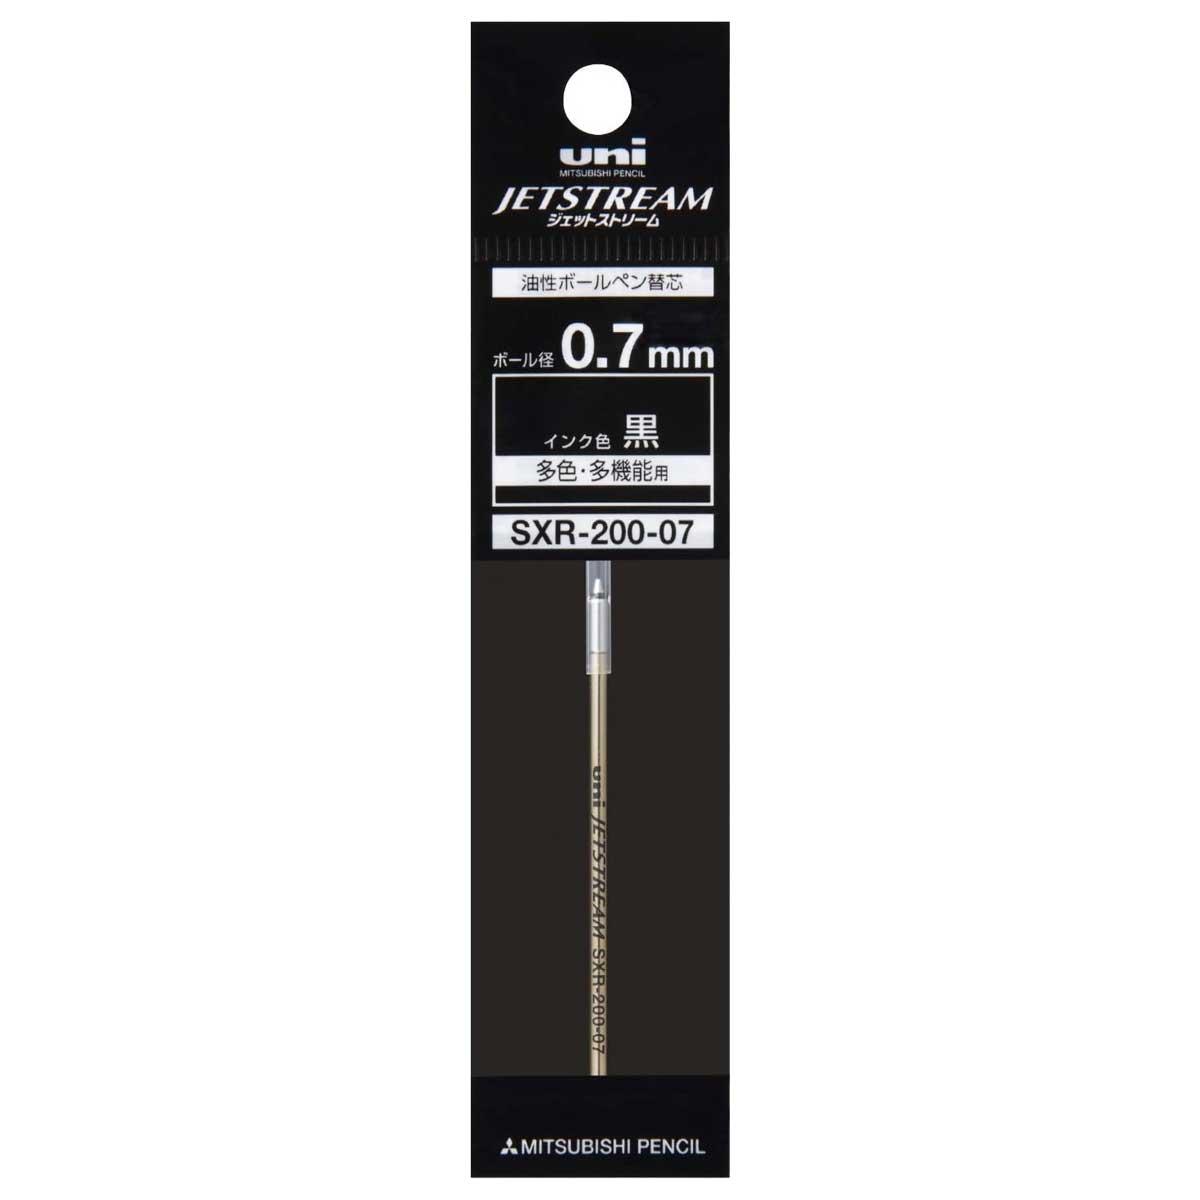 【即納可能】三菱鉛筆(UNI) ボールペン替芯 ジェットストリームインク SXR-200-07